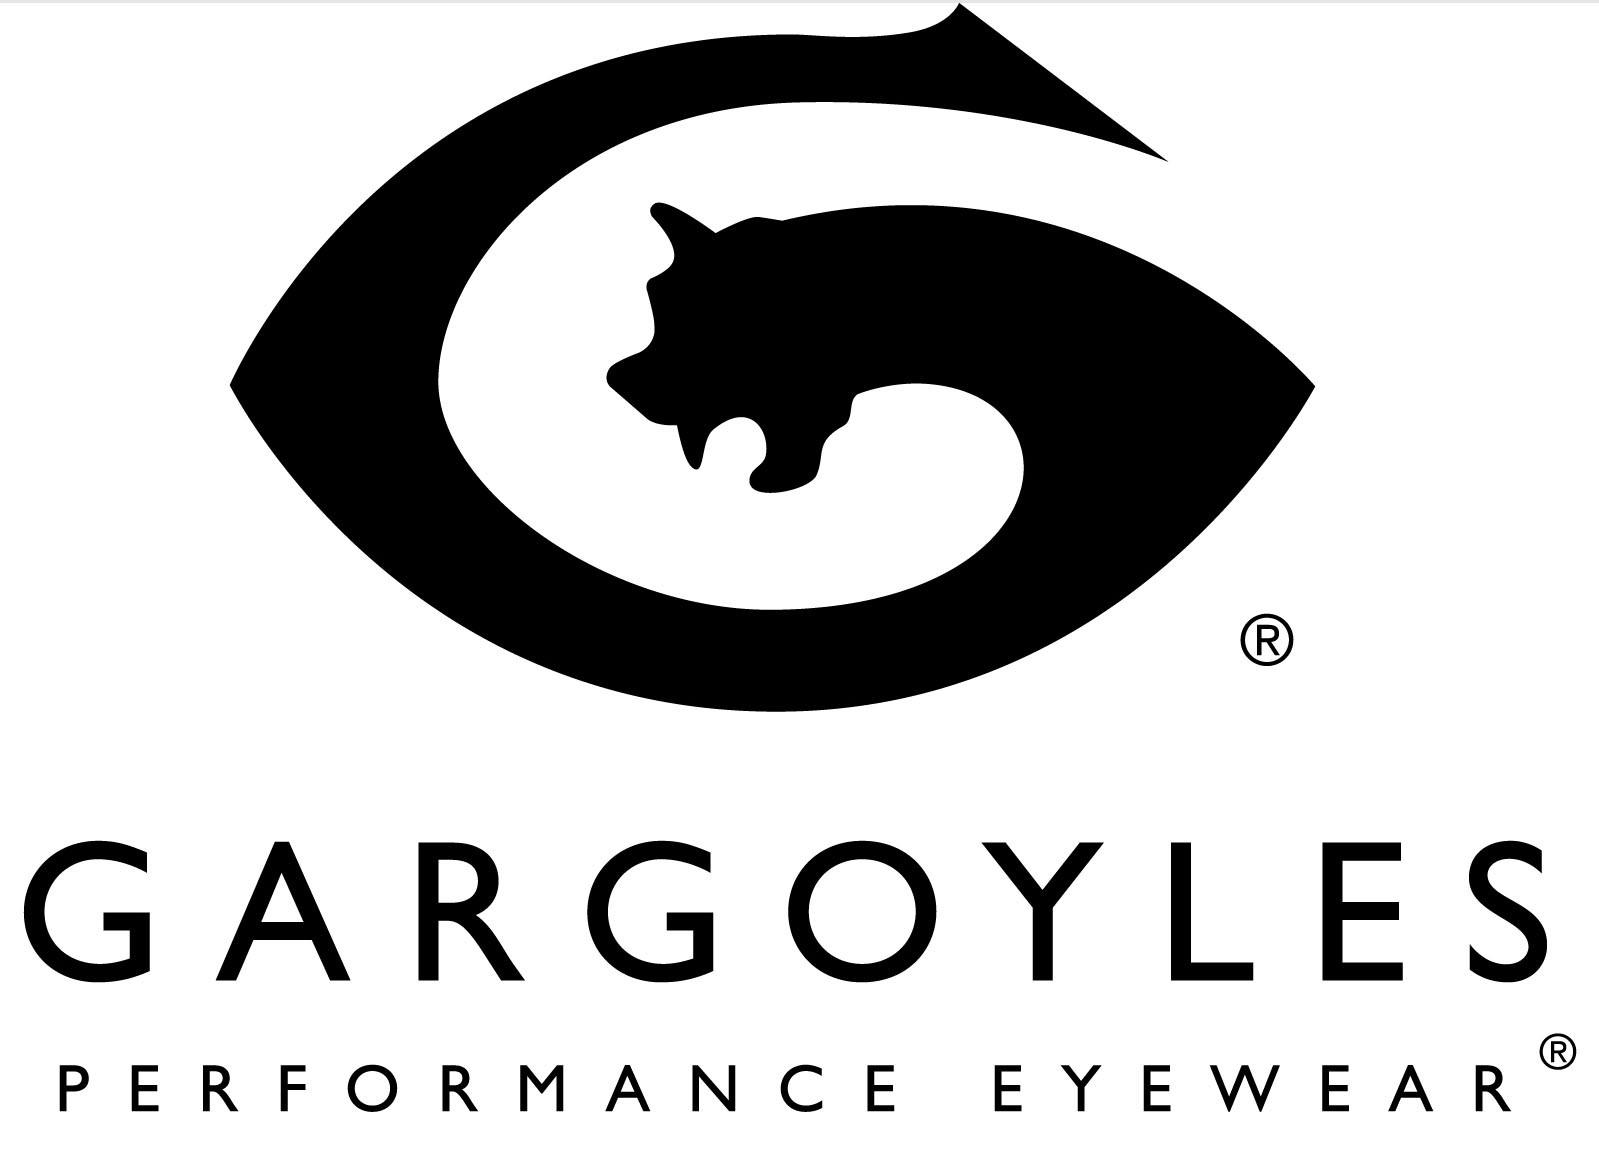 gargoyles-performance-eyewear-logo.jpg